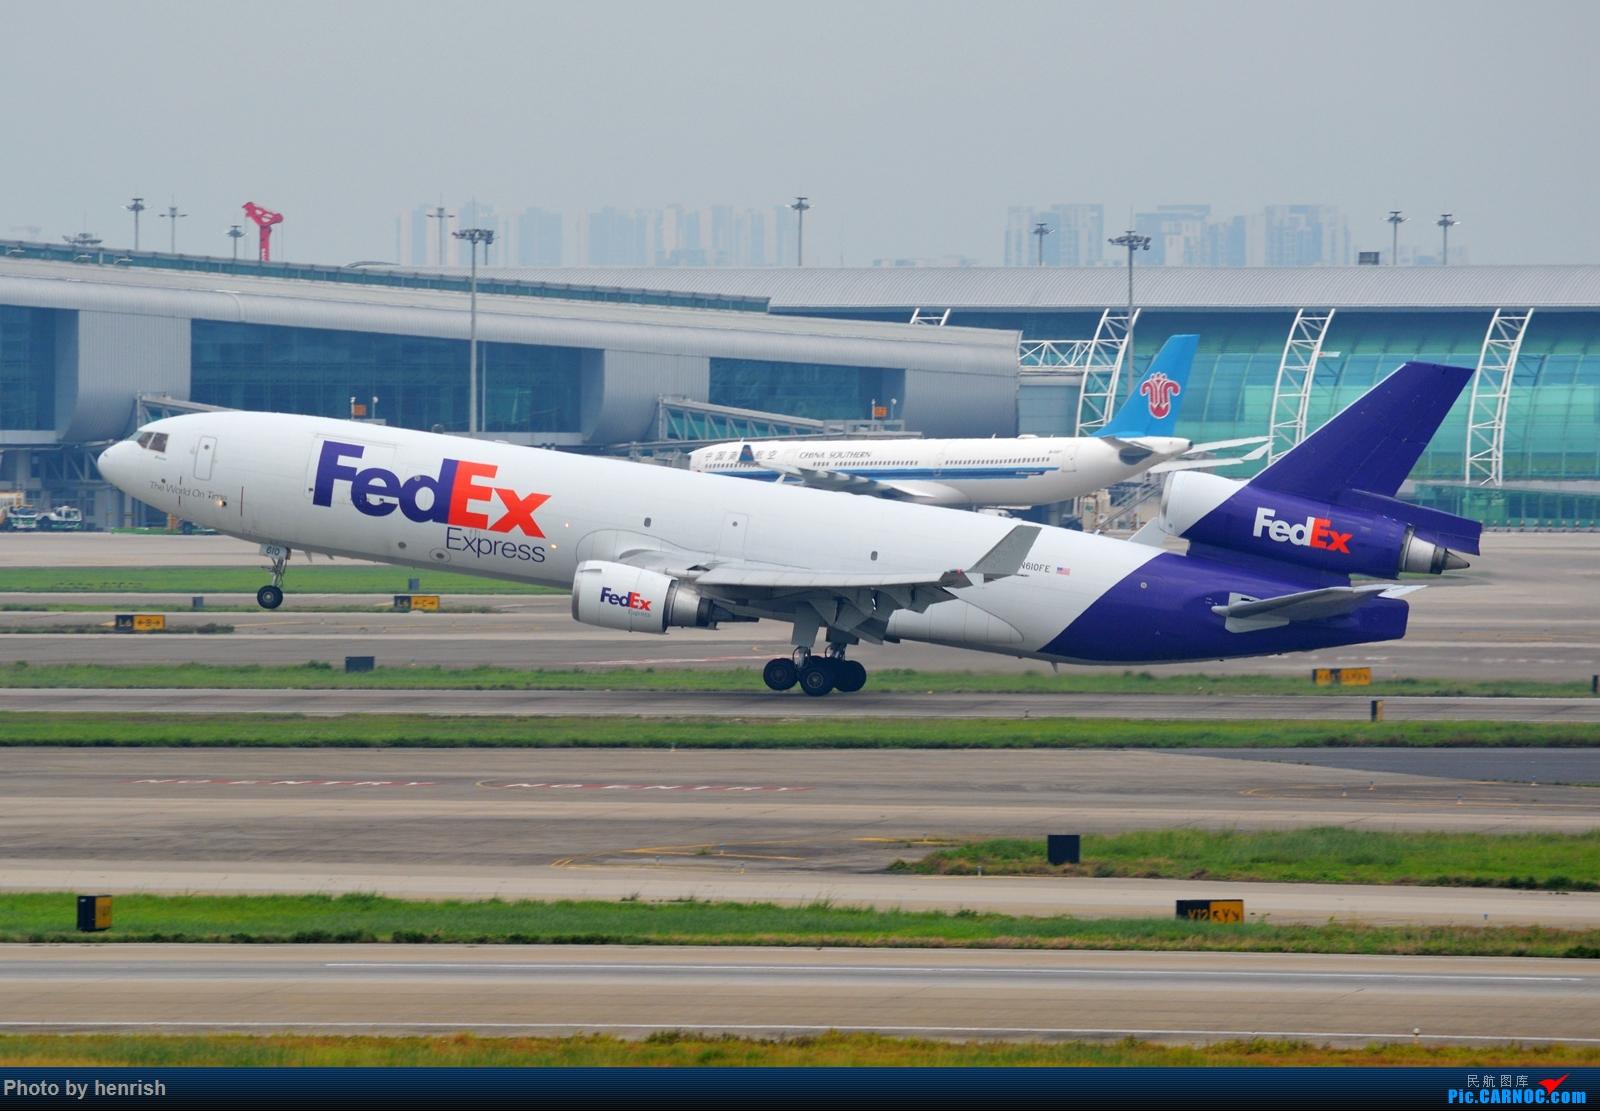 Re:[原创]【肥威的CAN】5月后半,雨季期间广州好货若干。【 广东青少年拍机小队】【广州,你好!】 MD MD-11F N610FE 中国广州白云国际机场